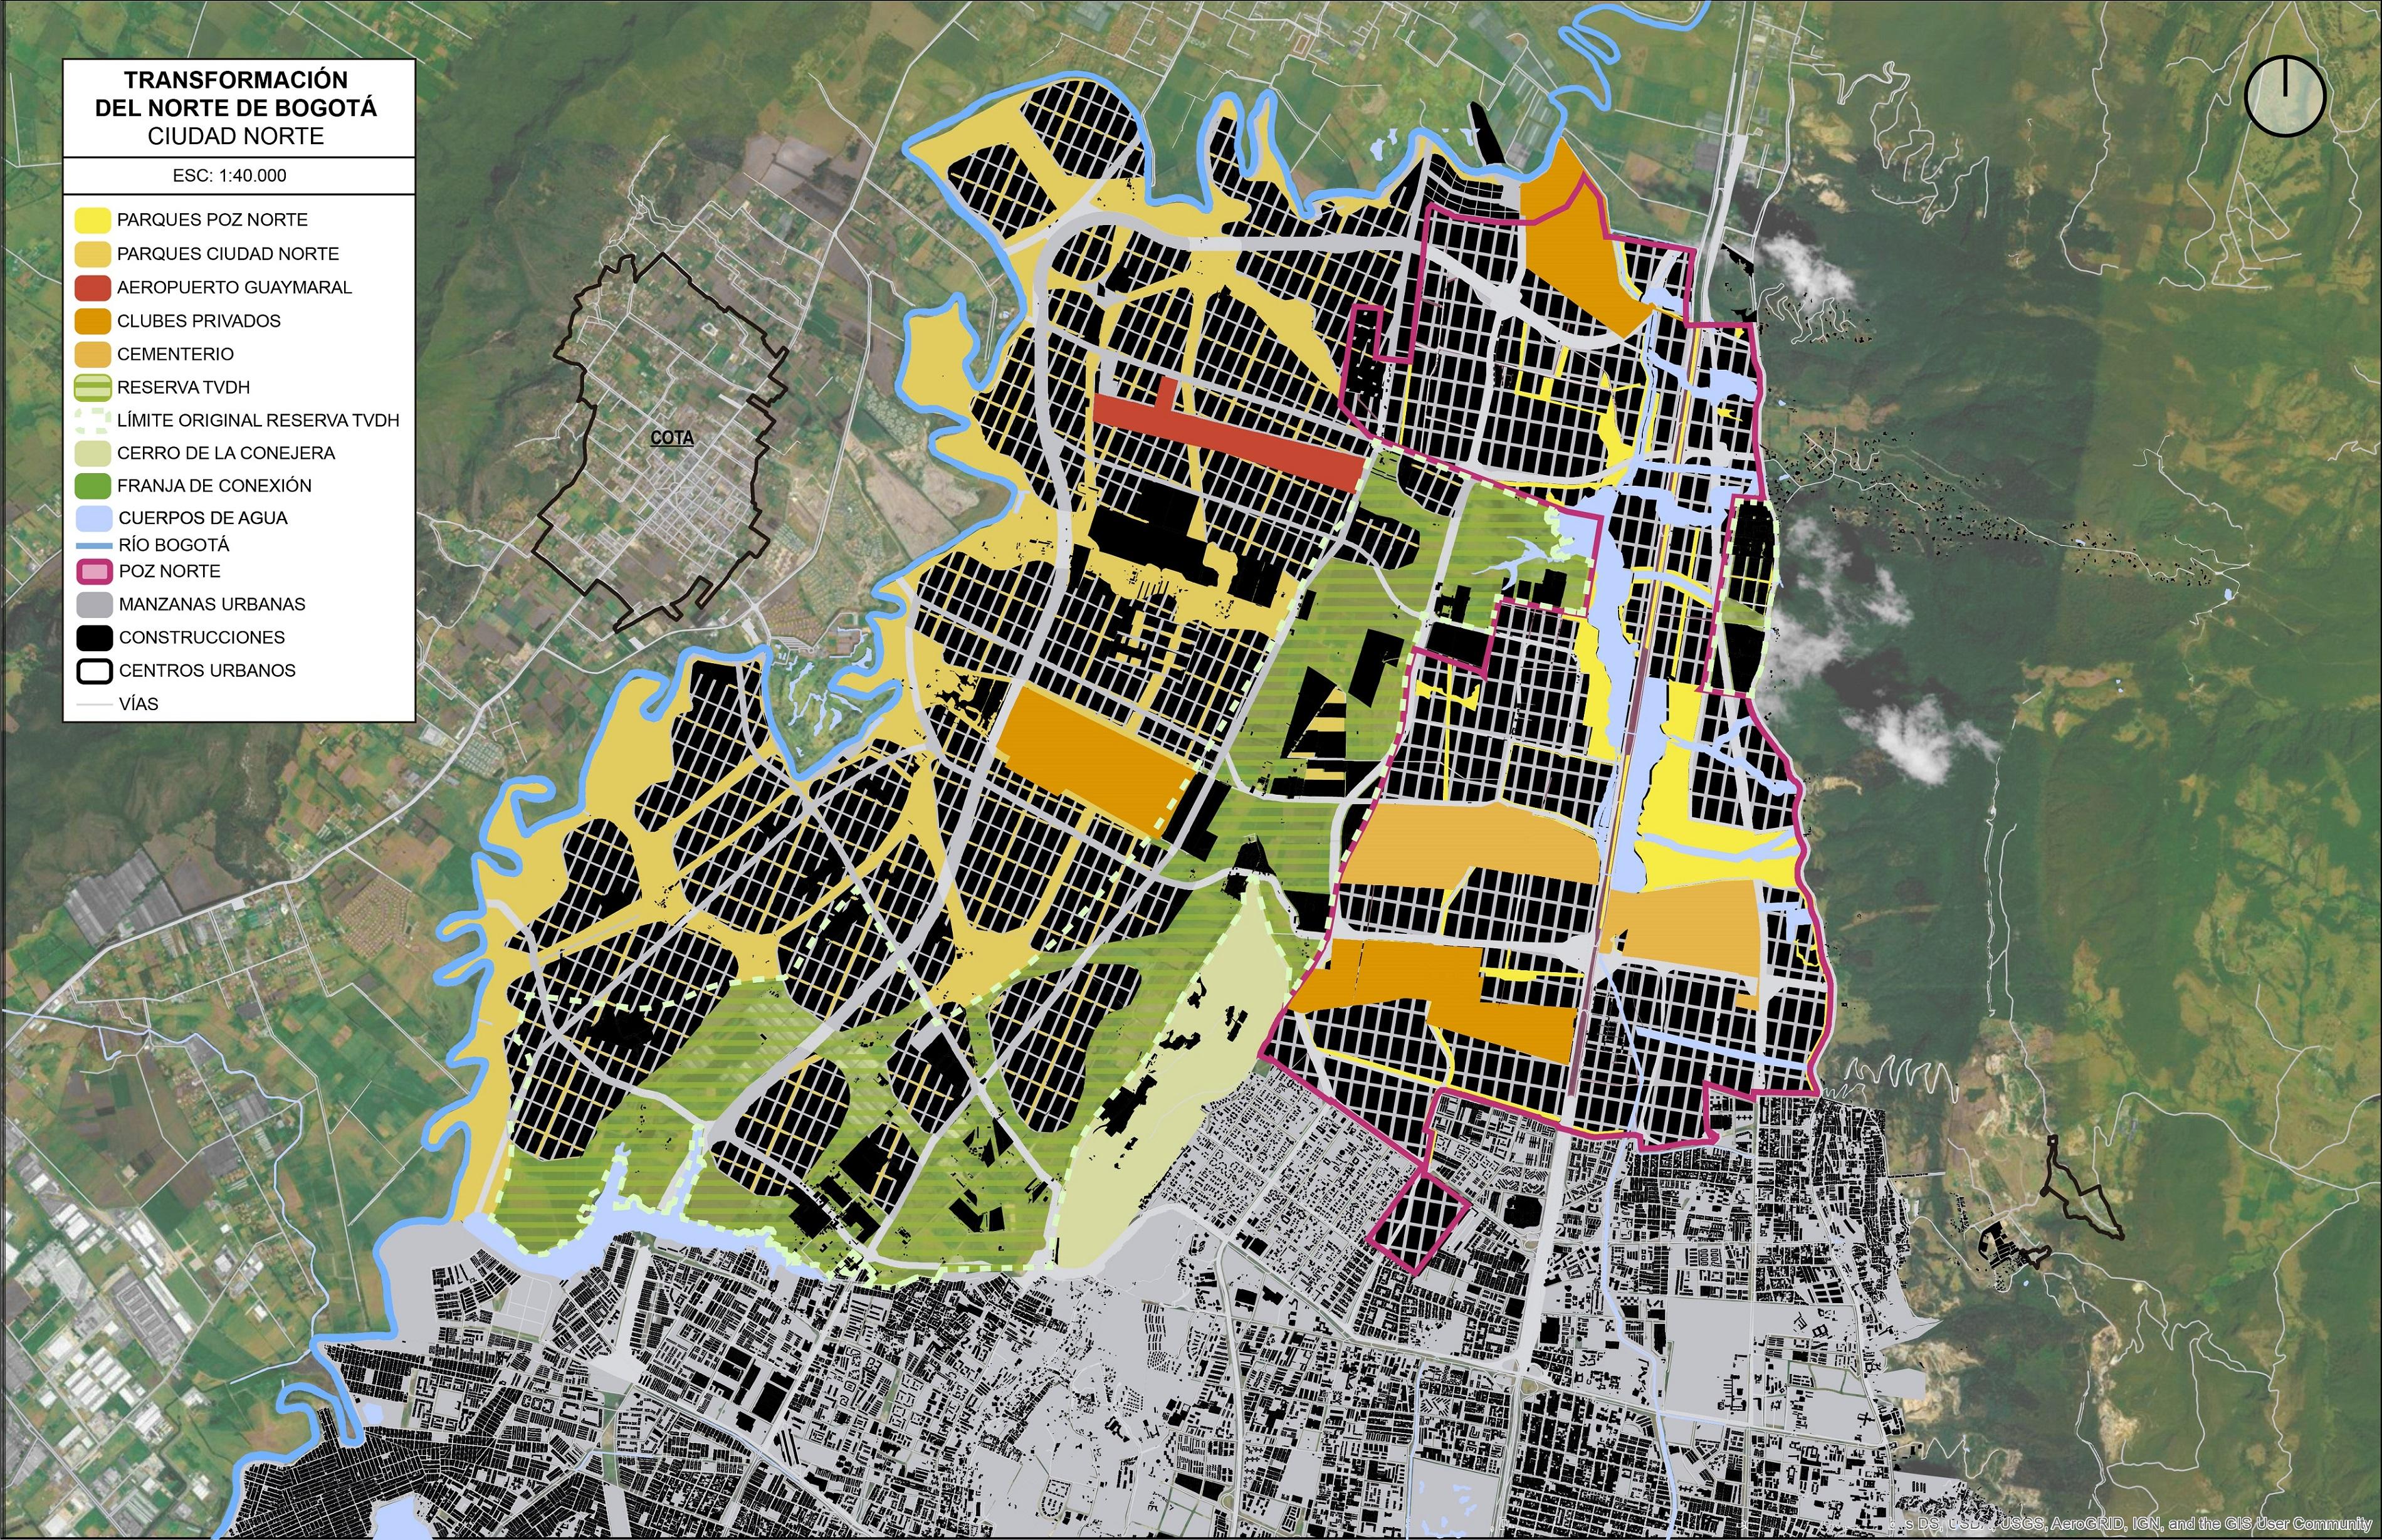 Así quedaría la zona norte de Bogotá con la propuesta Ciudad Norte de la Alcaldía. Imagen: elaborada por Bogotá Lógica con información de la Alcaldía.